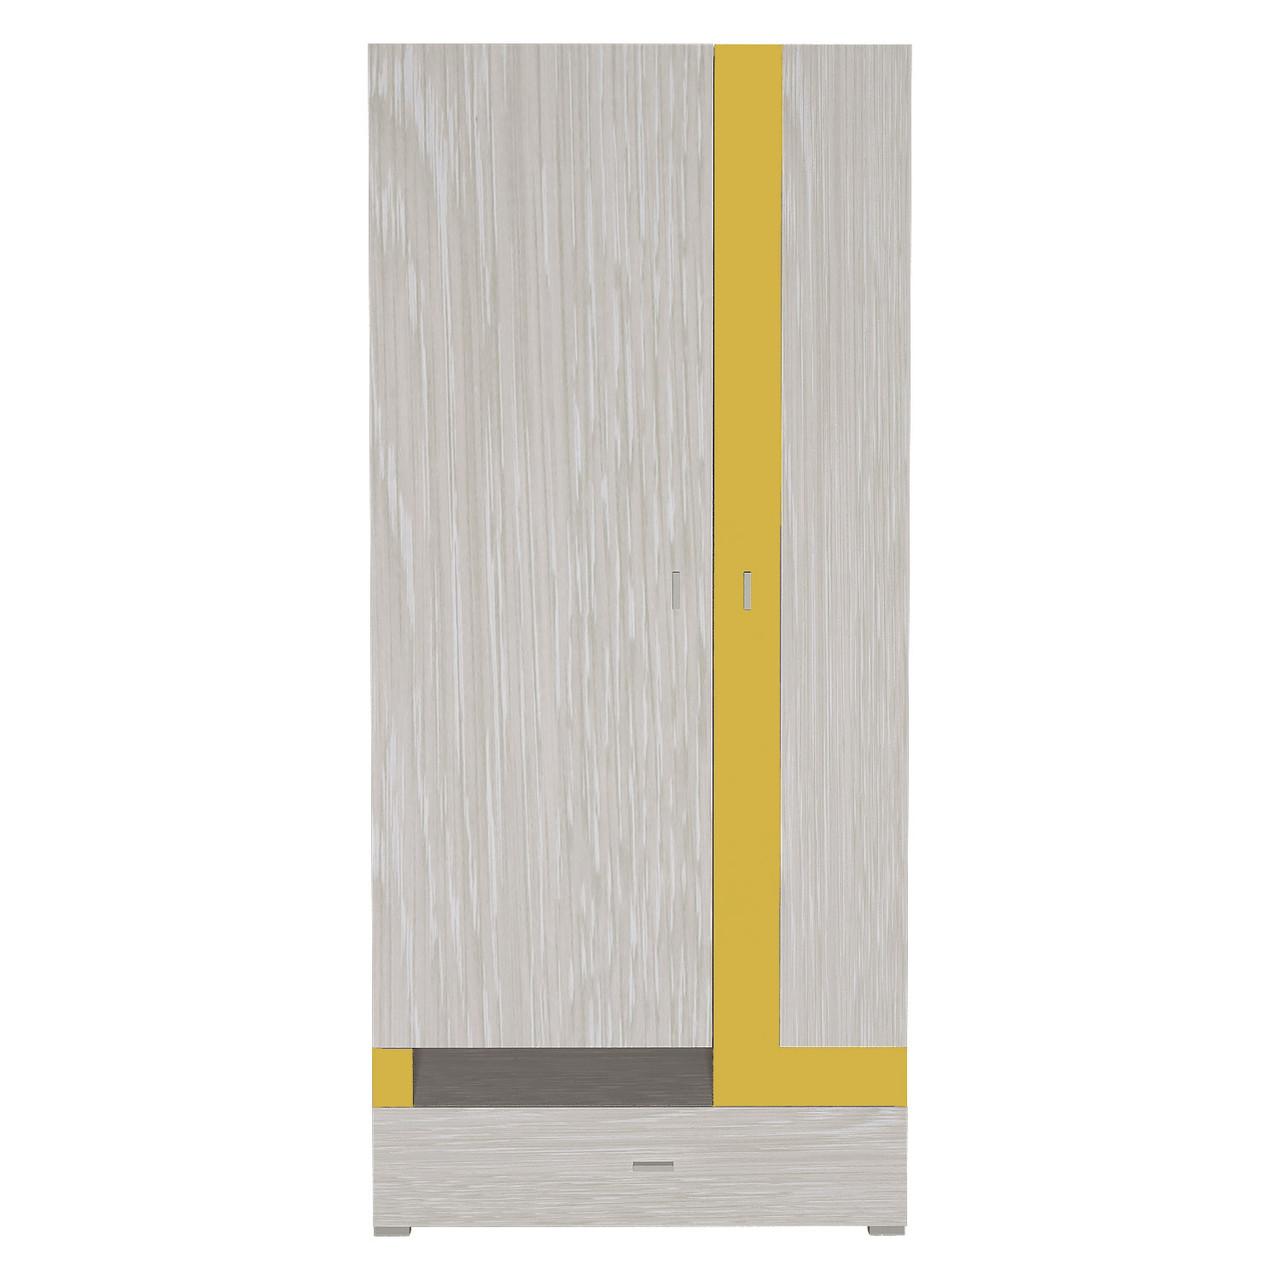 Шафа в дитячу кімнату з ДСП/МДФ AXEL C Blonski 2-x дверна атланта+жовтий